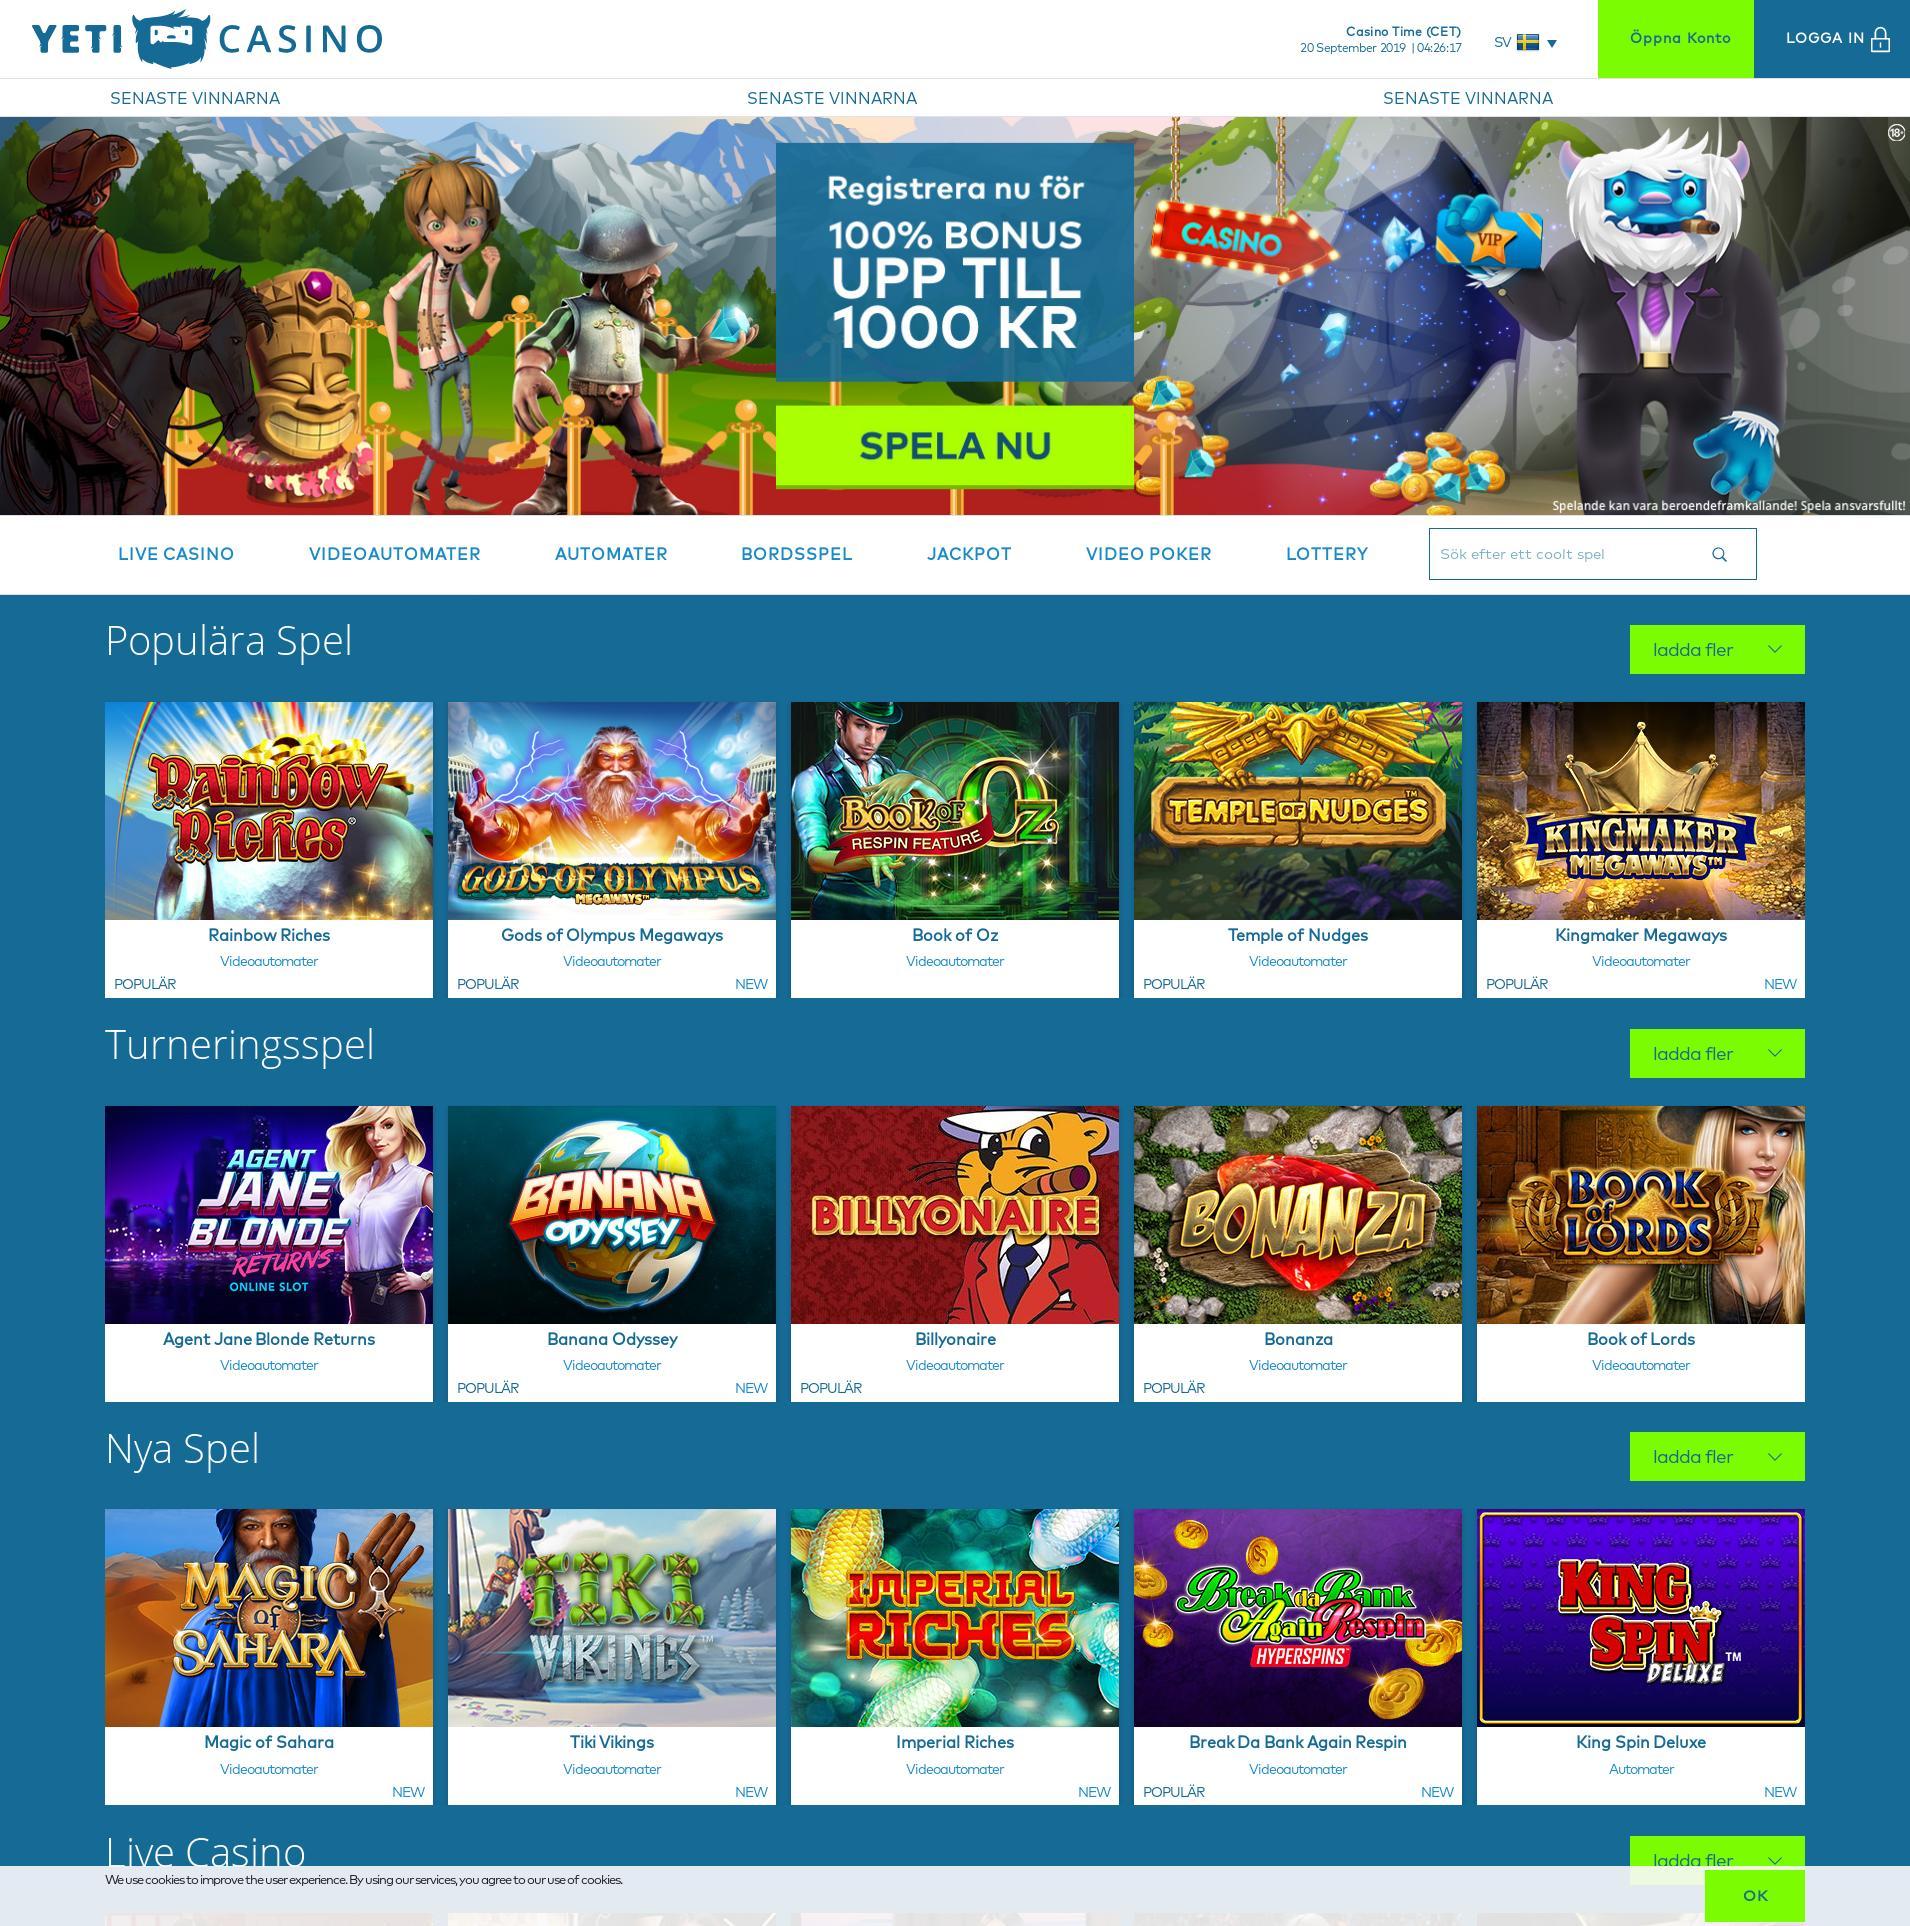 Casino screen Lobby 2019-09-20 for Sweden